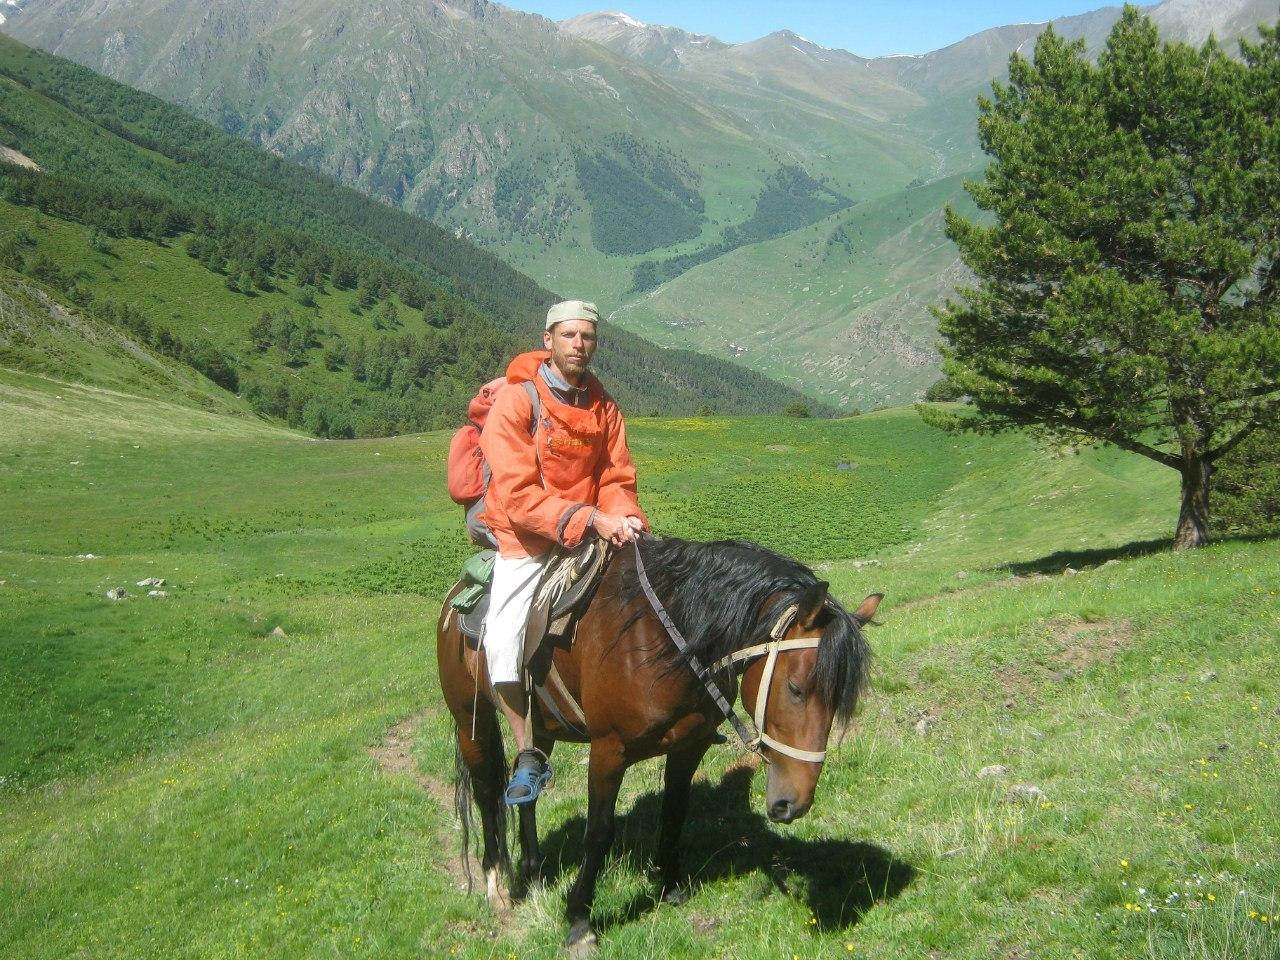 В горах Карачаево-Черкессии в 2012 году хозяин сего коня сам предложил проскакать на нём вверх в гору. Снимок сделан уже в самом конце пути на высоте около 2400 метров.